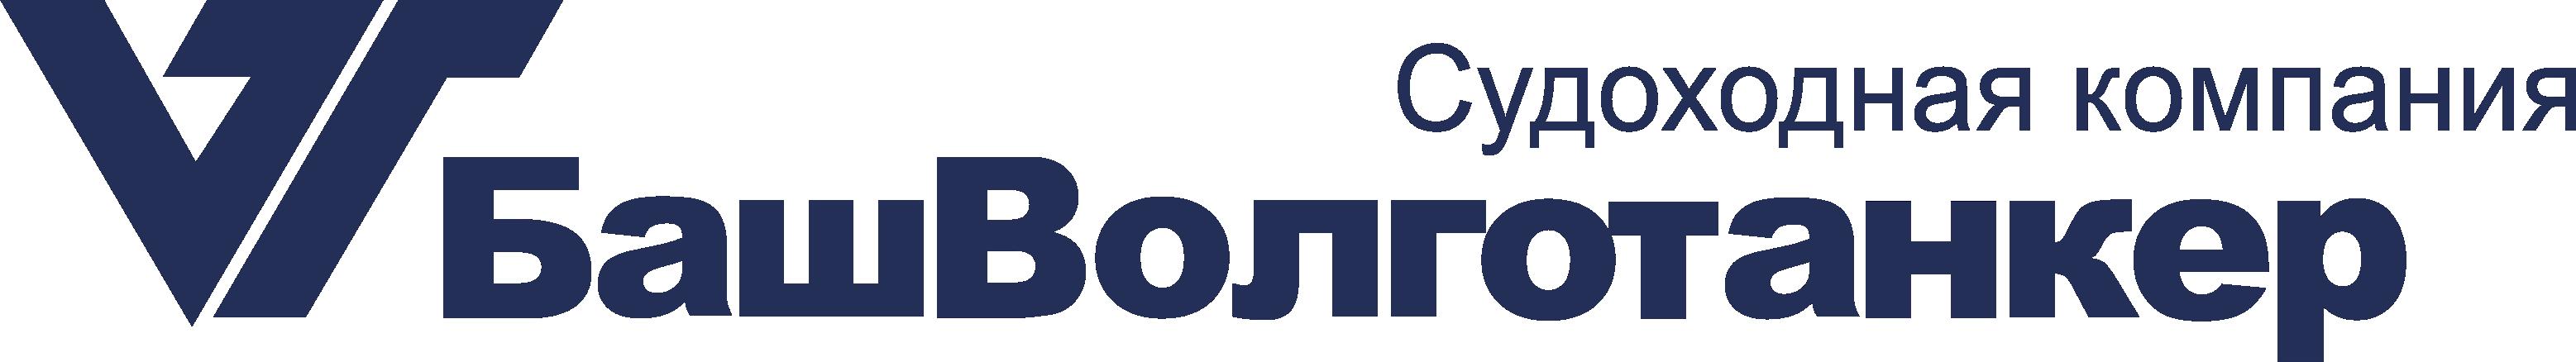 Логотип «БашВолготанкер»